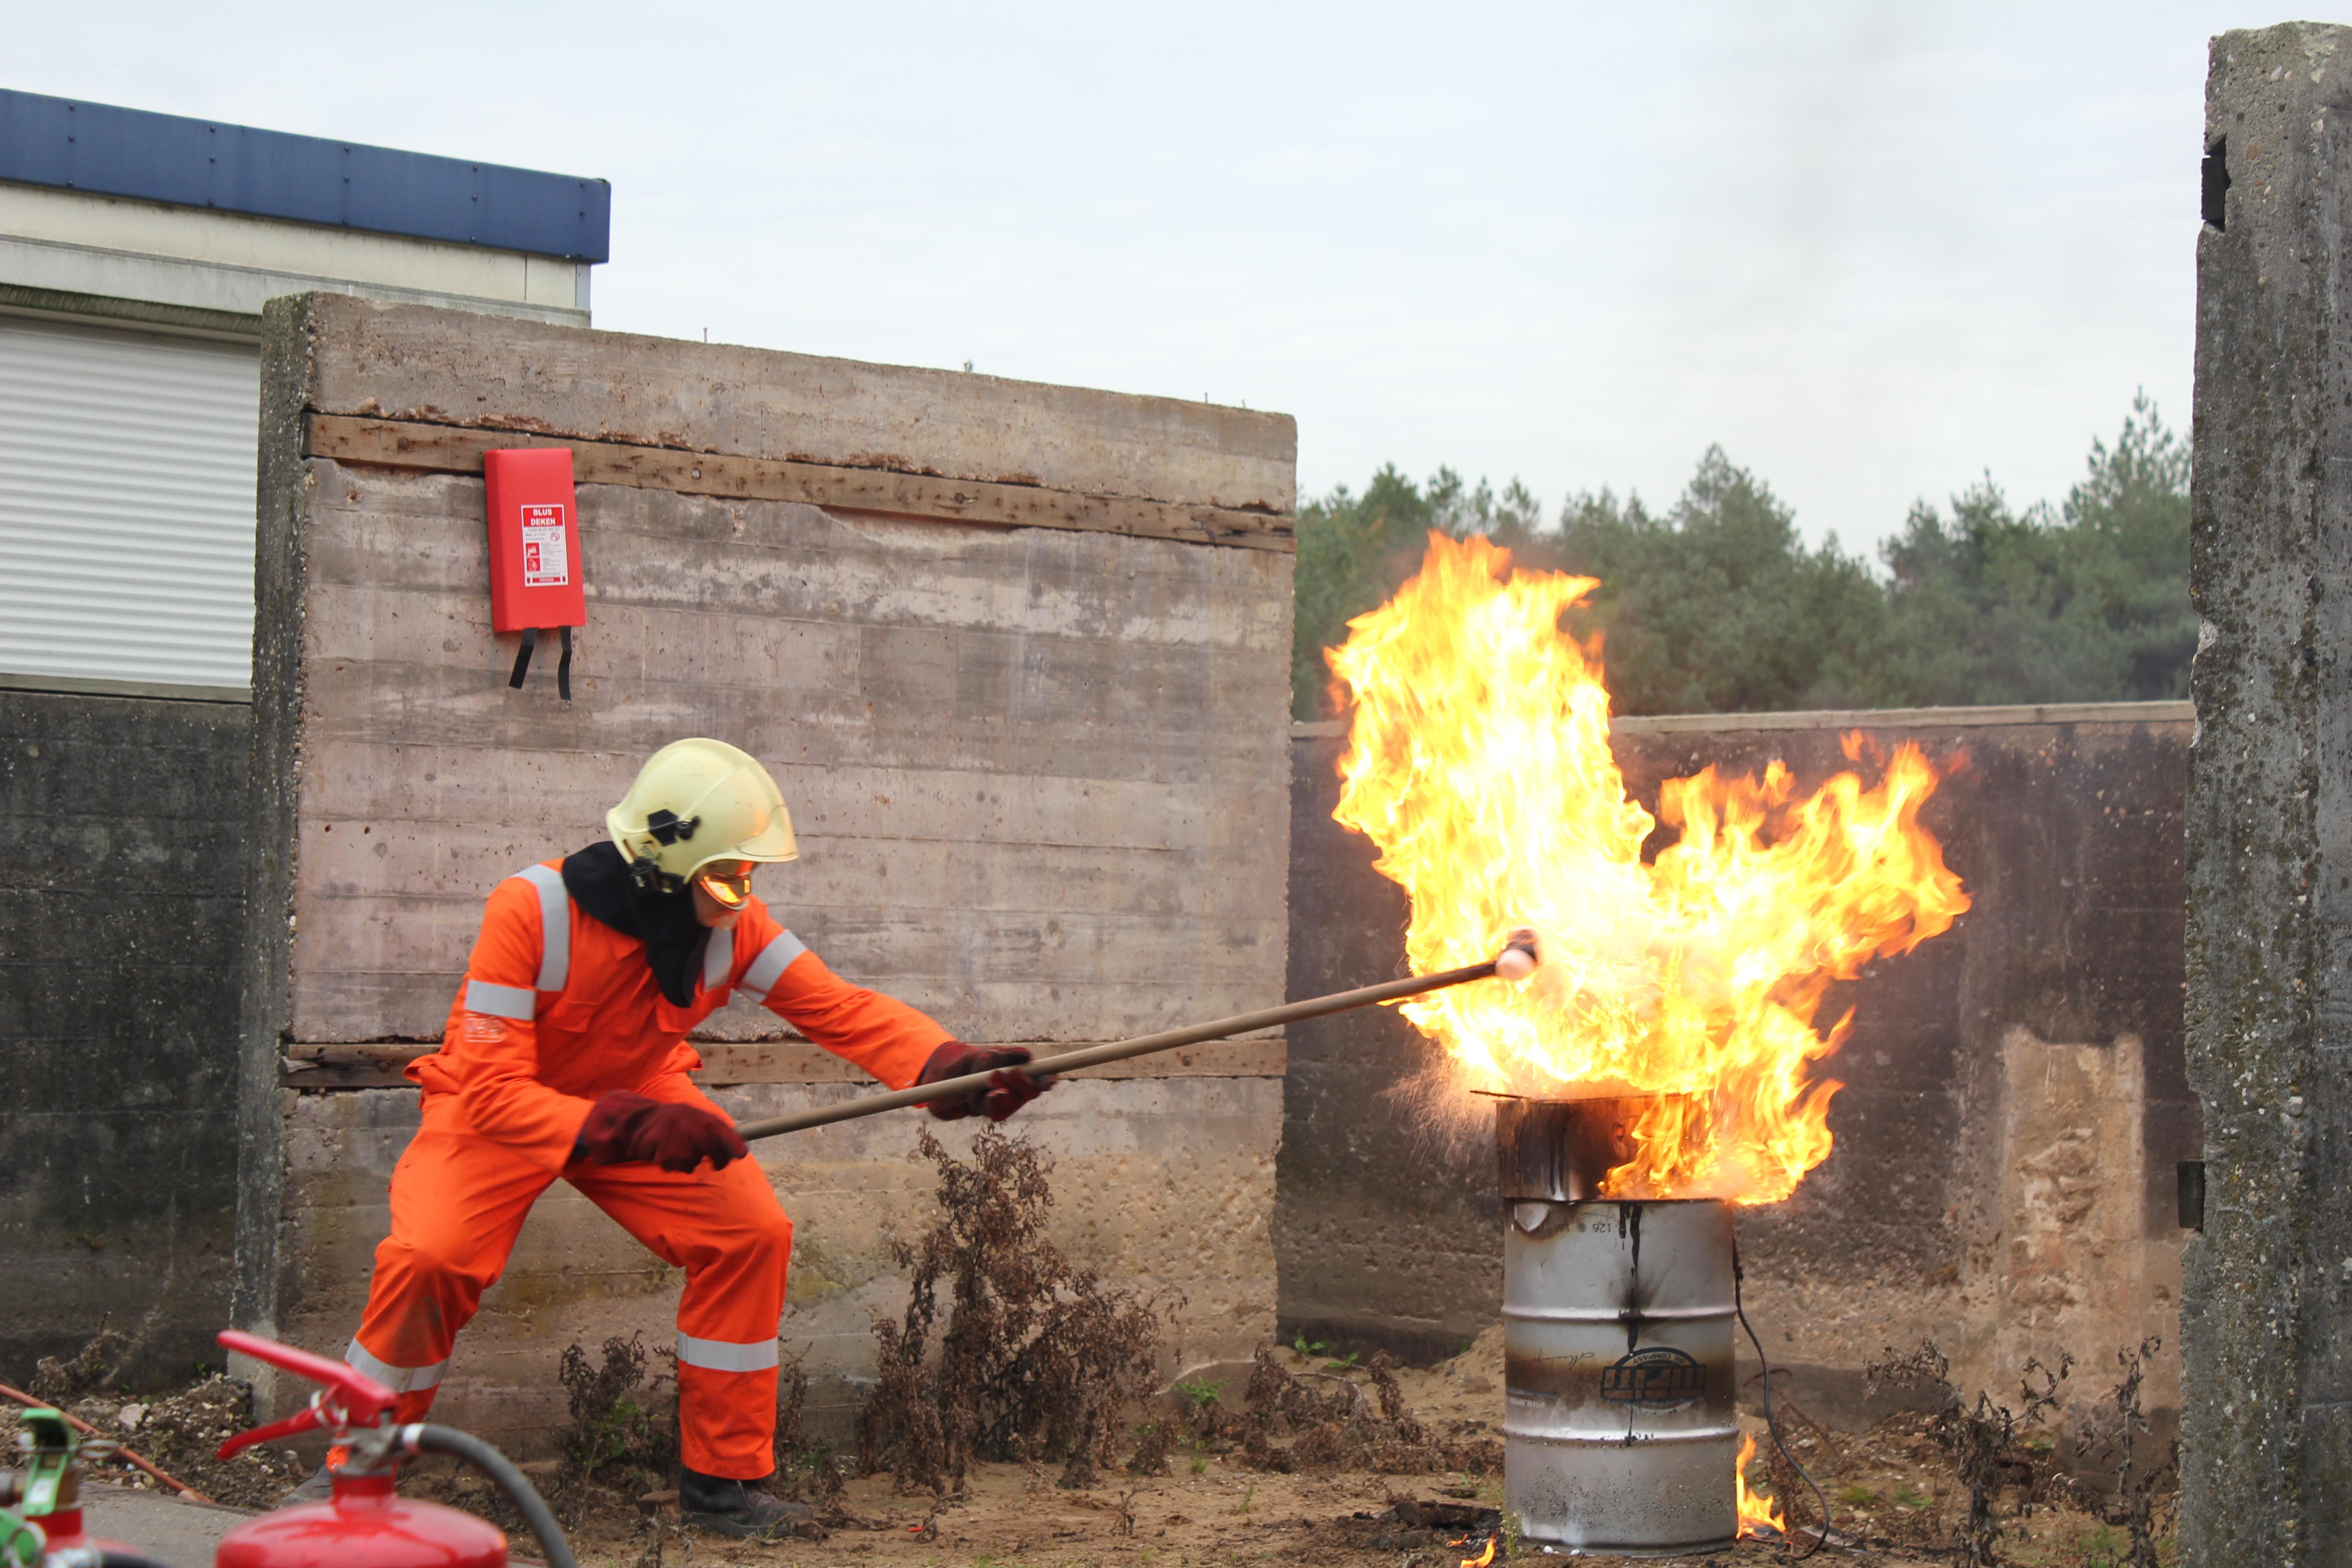 Brandweer wil van brandbestrijding naar brandpreventie